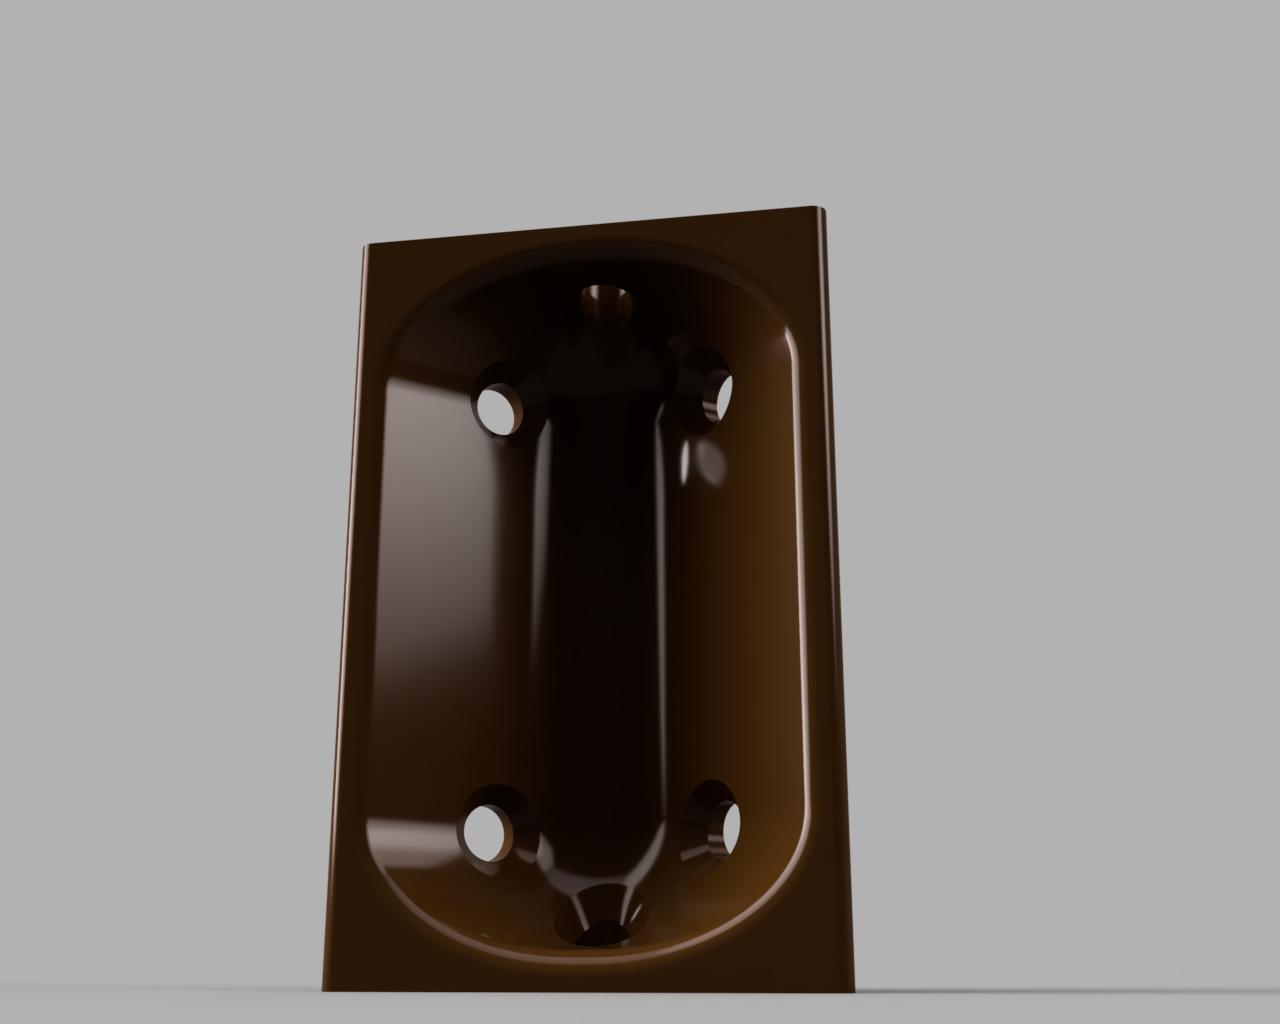 Furniture_corner_bracket_2019-Nov-05_03-25-55PM-000_CustomizedView14591780212.png Télécharger fichier STL gratuit Support d'angle de meuble optimisé FDM • Plan imprimable en 3D, 3D-Designs